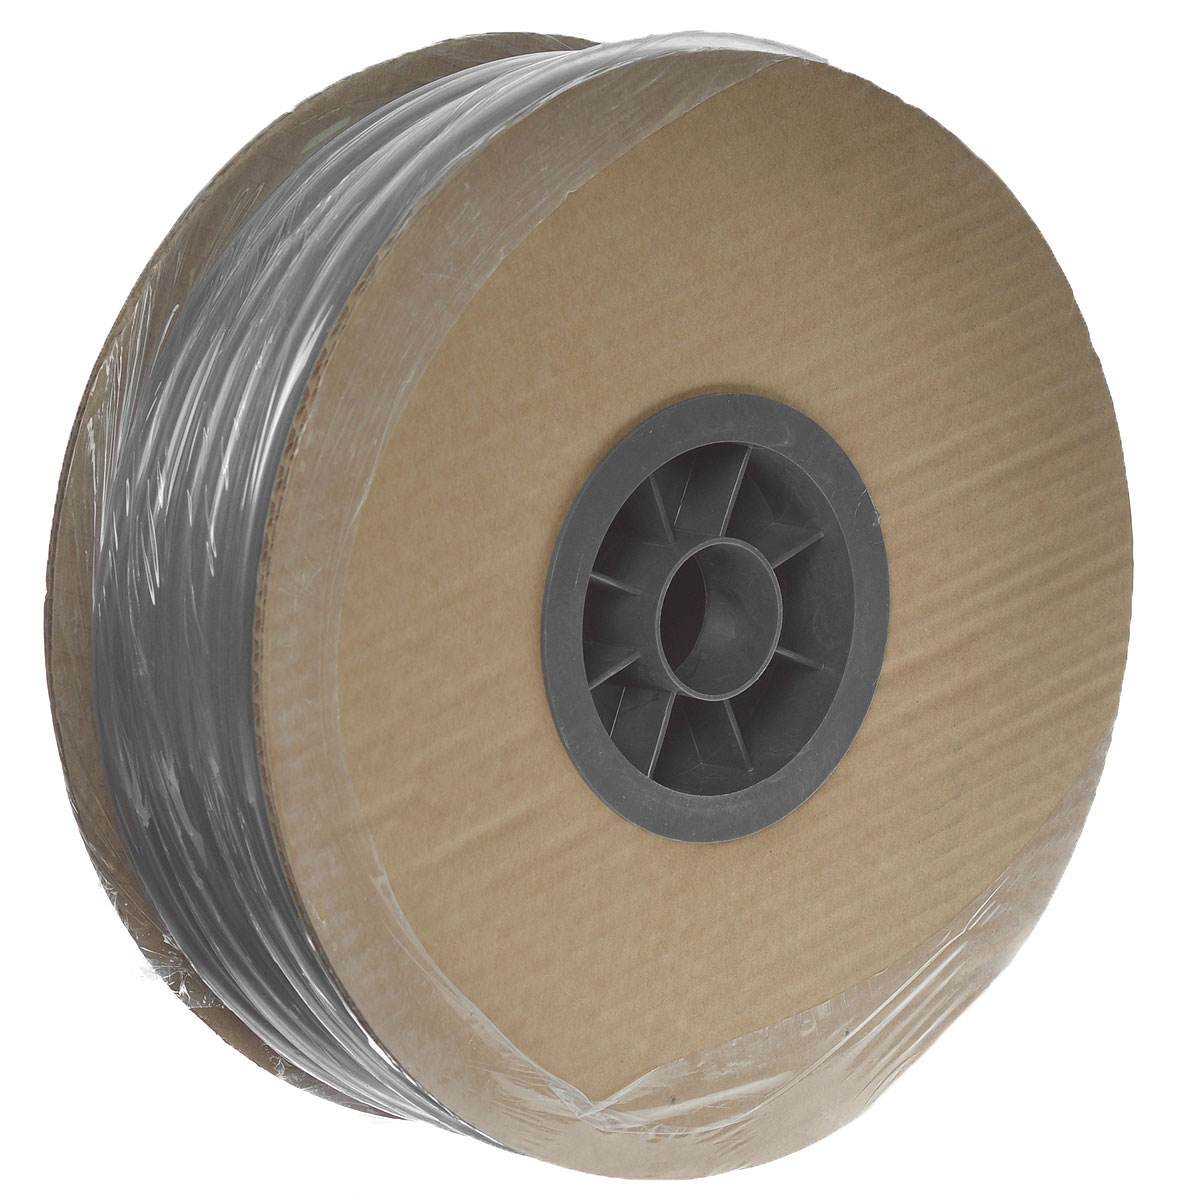 Шланг Кристалл однослойный неармированный 6X9 M.100 (641)1.645-504.0Однослойный неармированный шланг пищевого качества Fitt Cristallo Extra изготовлен из прозрачного ПВХ. Шланг предназначен для транспортировки жидкостей без напора в диапазоне температур от -20°С до +60°С. Можно применять для питьевой воды. Для использования без давления. Внешний диаметр шланга: 9 мм. Внутренний диаметр шланга: 6 мм.